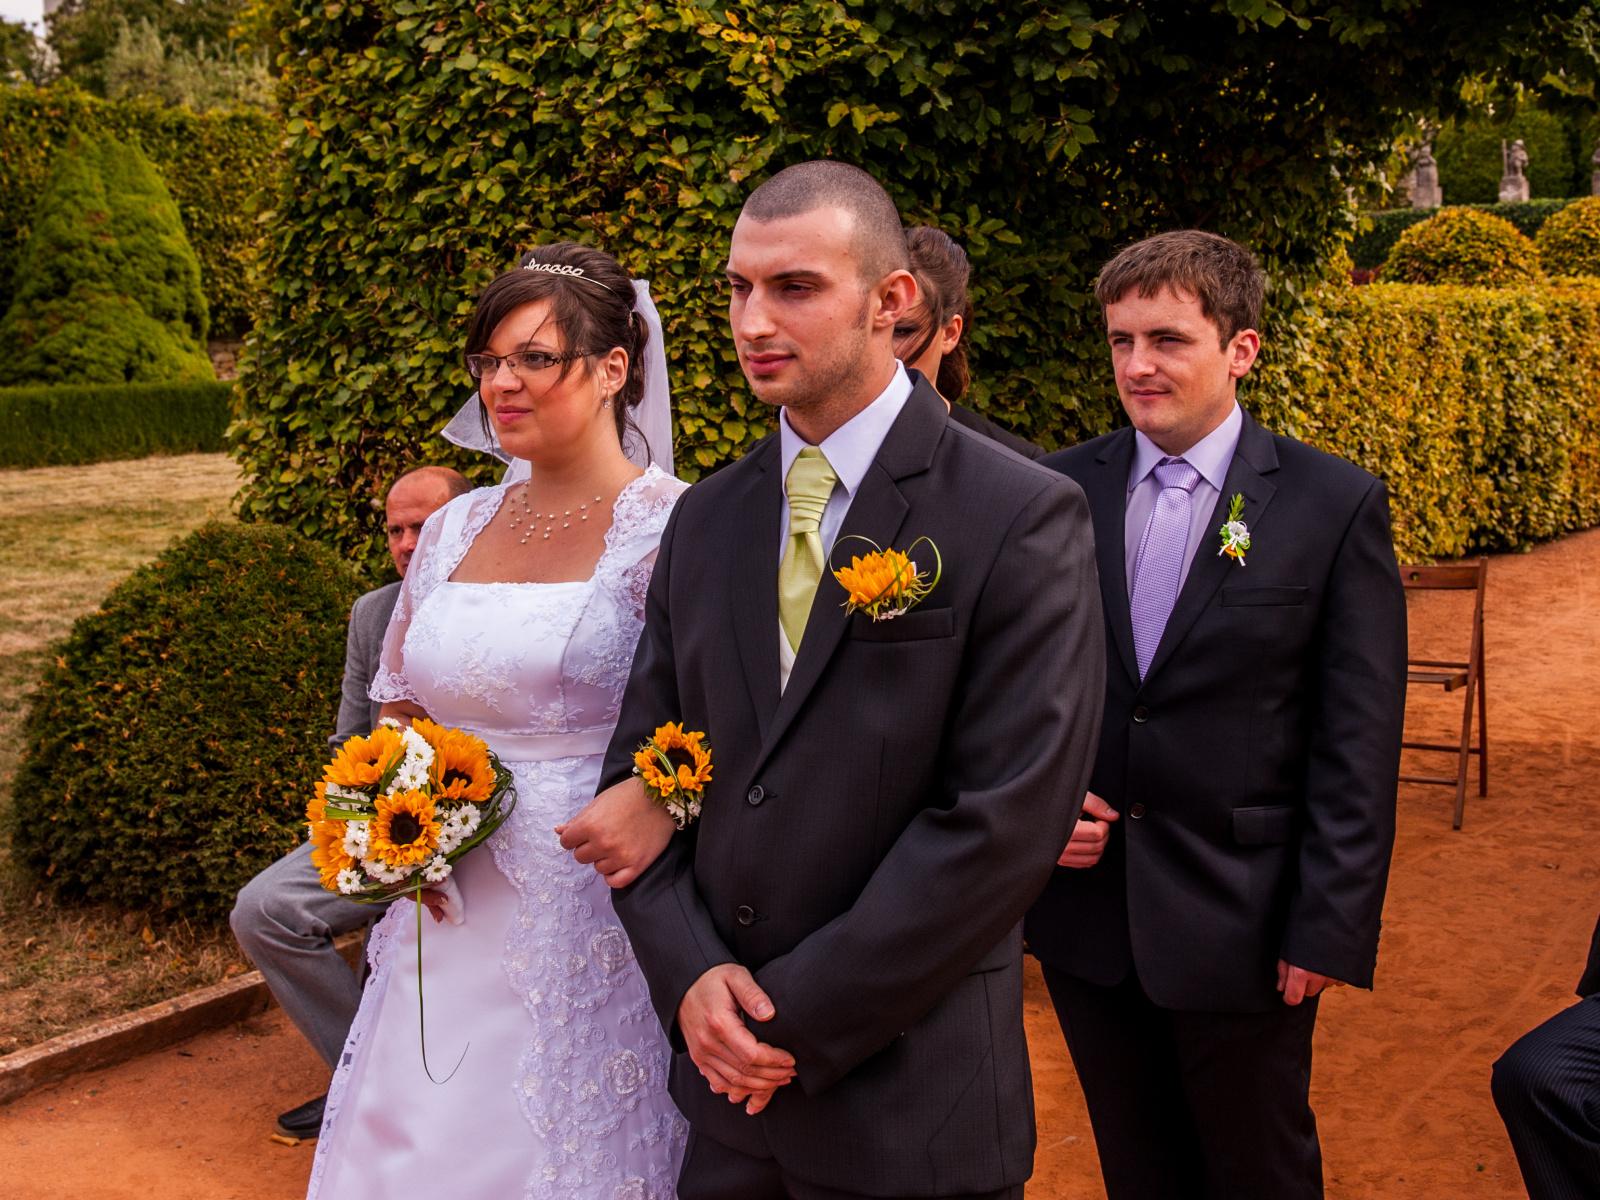 Focení svatby na podzim má své kouzlo